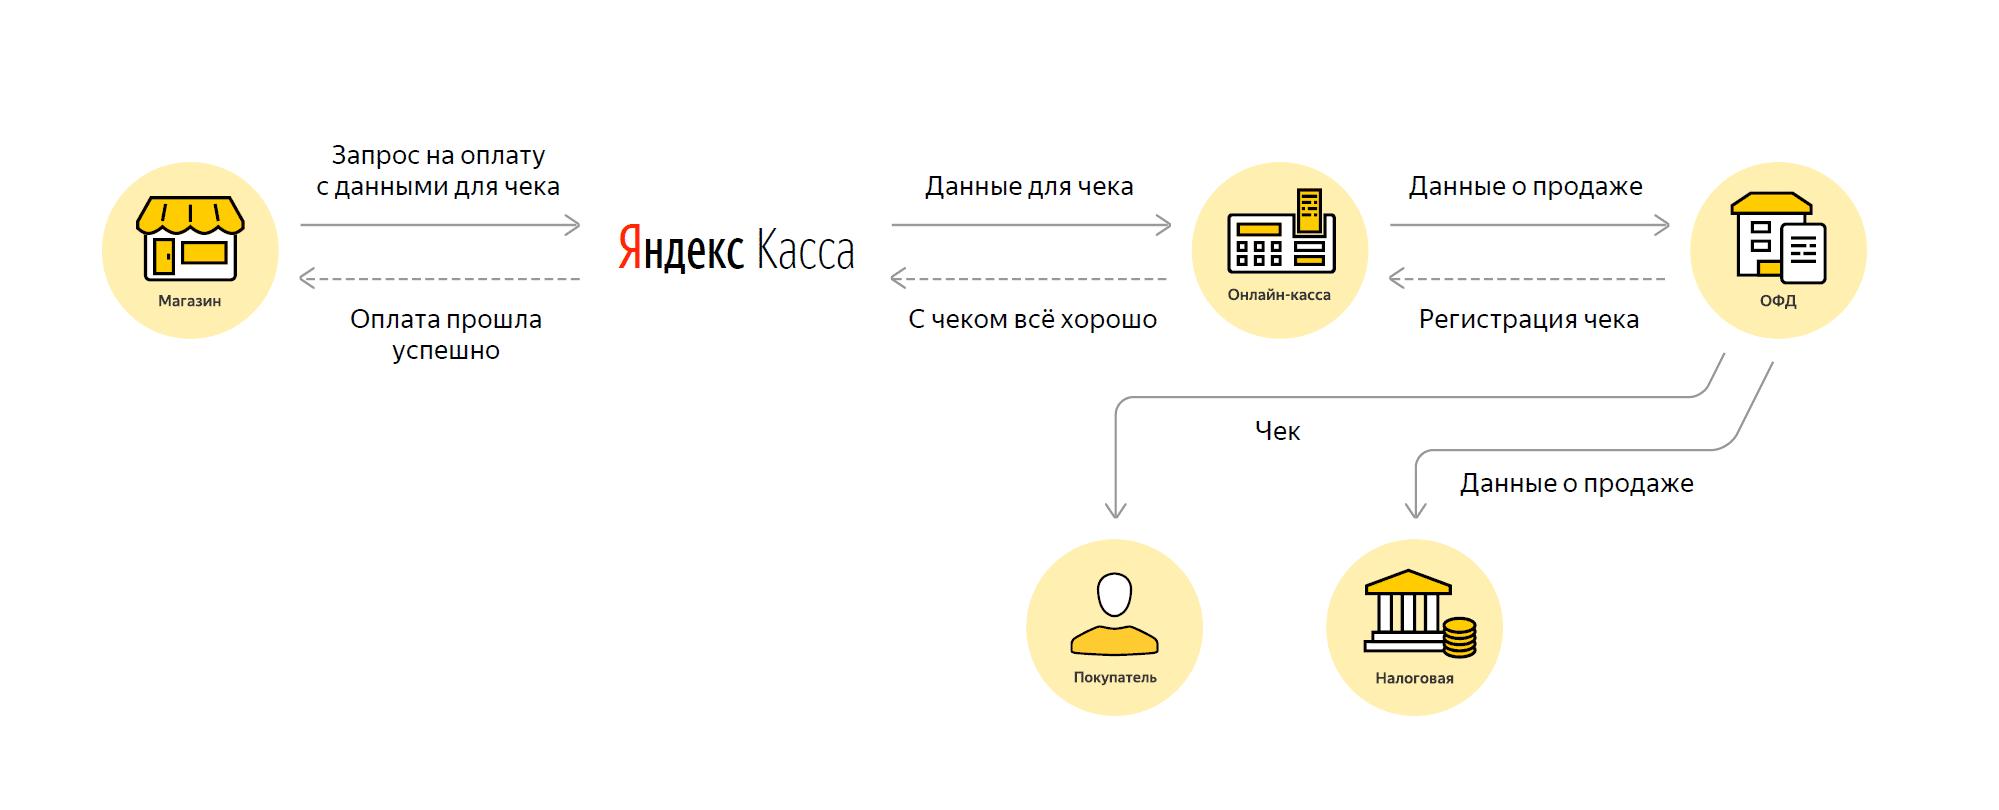 Яндекс Касса в Водпресс, 54-ФЗ